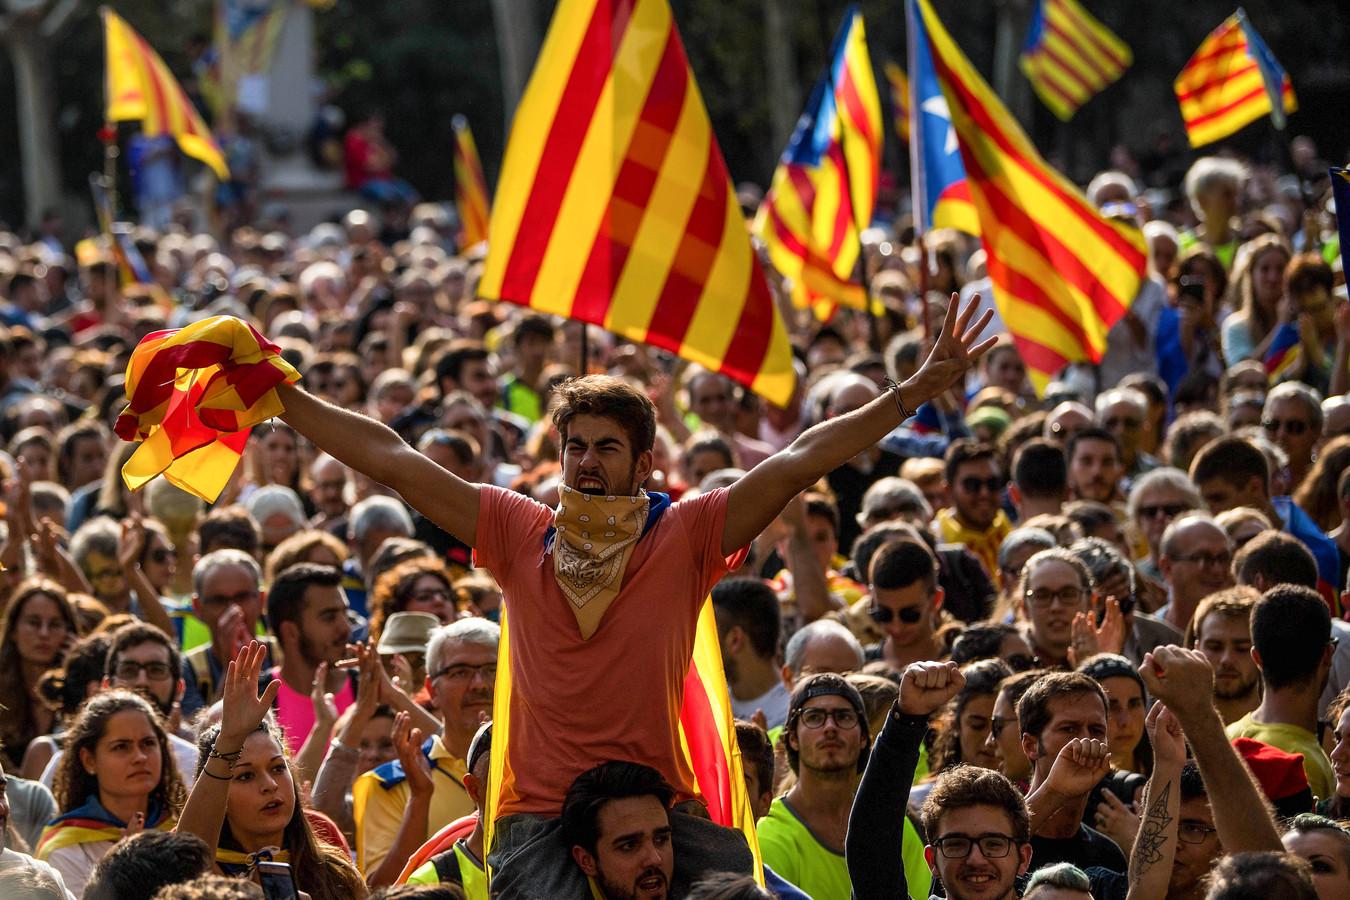 De roep om onafhankelijkheid in Catalonië klinkt luid. Net als in 1991 in Kroatië. Op de Balkan ontaardde het vrijheidsstreven in een burgeroorlog. In Catalonië sloeg de Spaanse politie afgelopen weekeinde in op Catalanen. Is dit een voorbode van een Spaanse 'Balkanoorlog'?